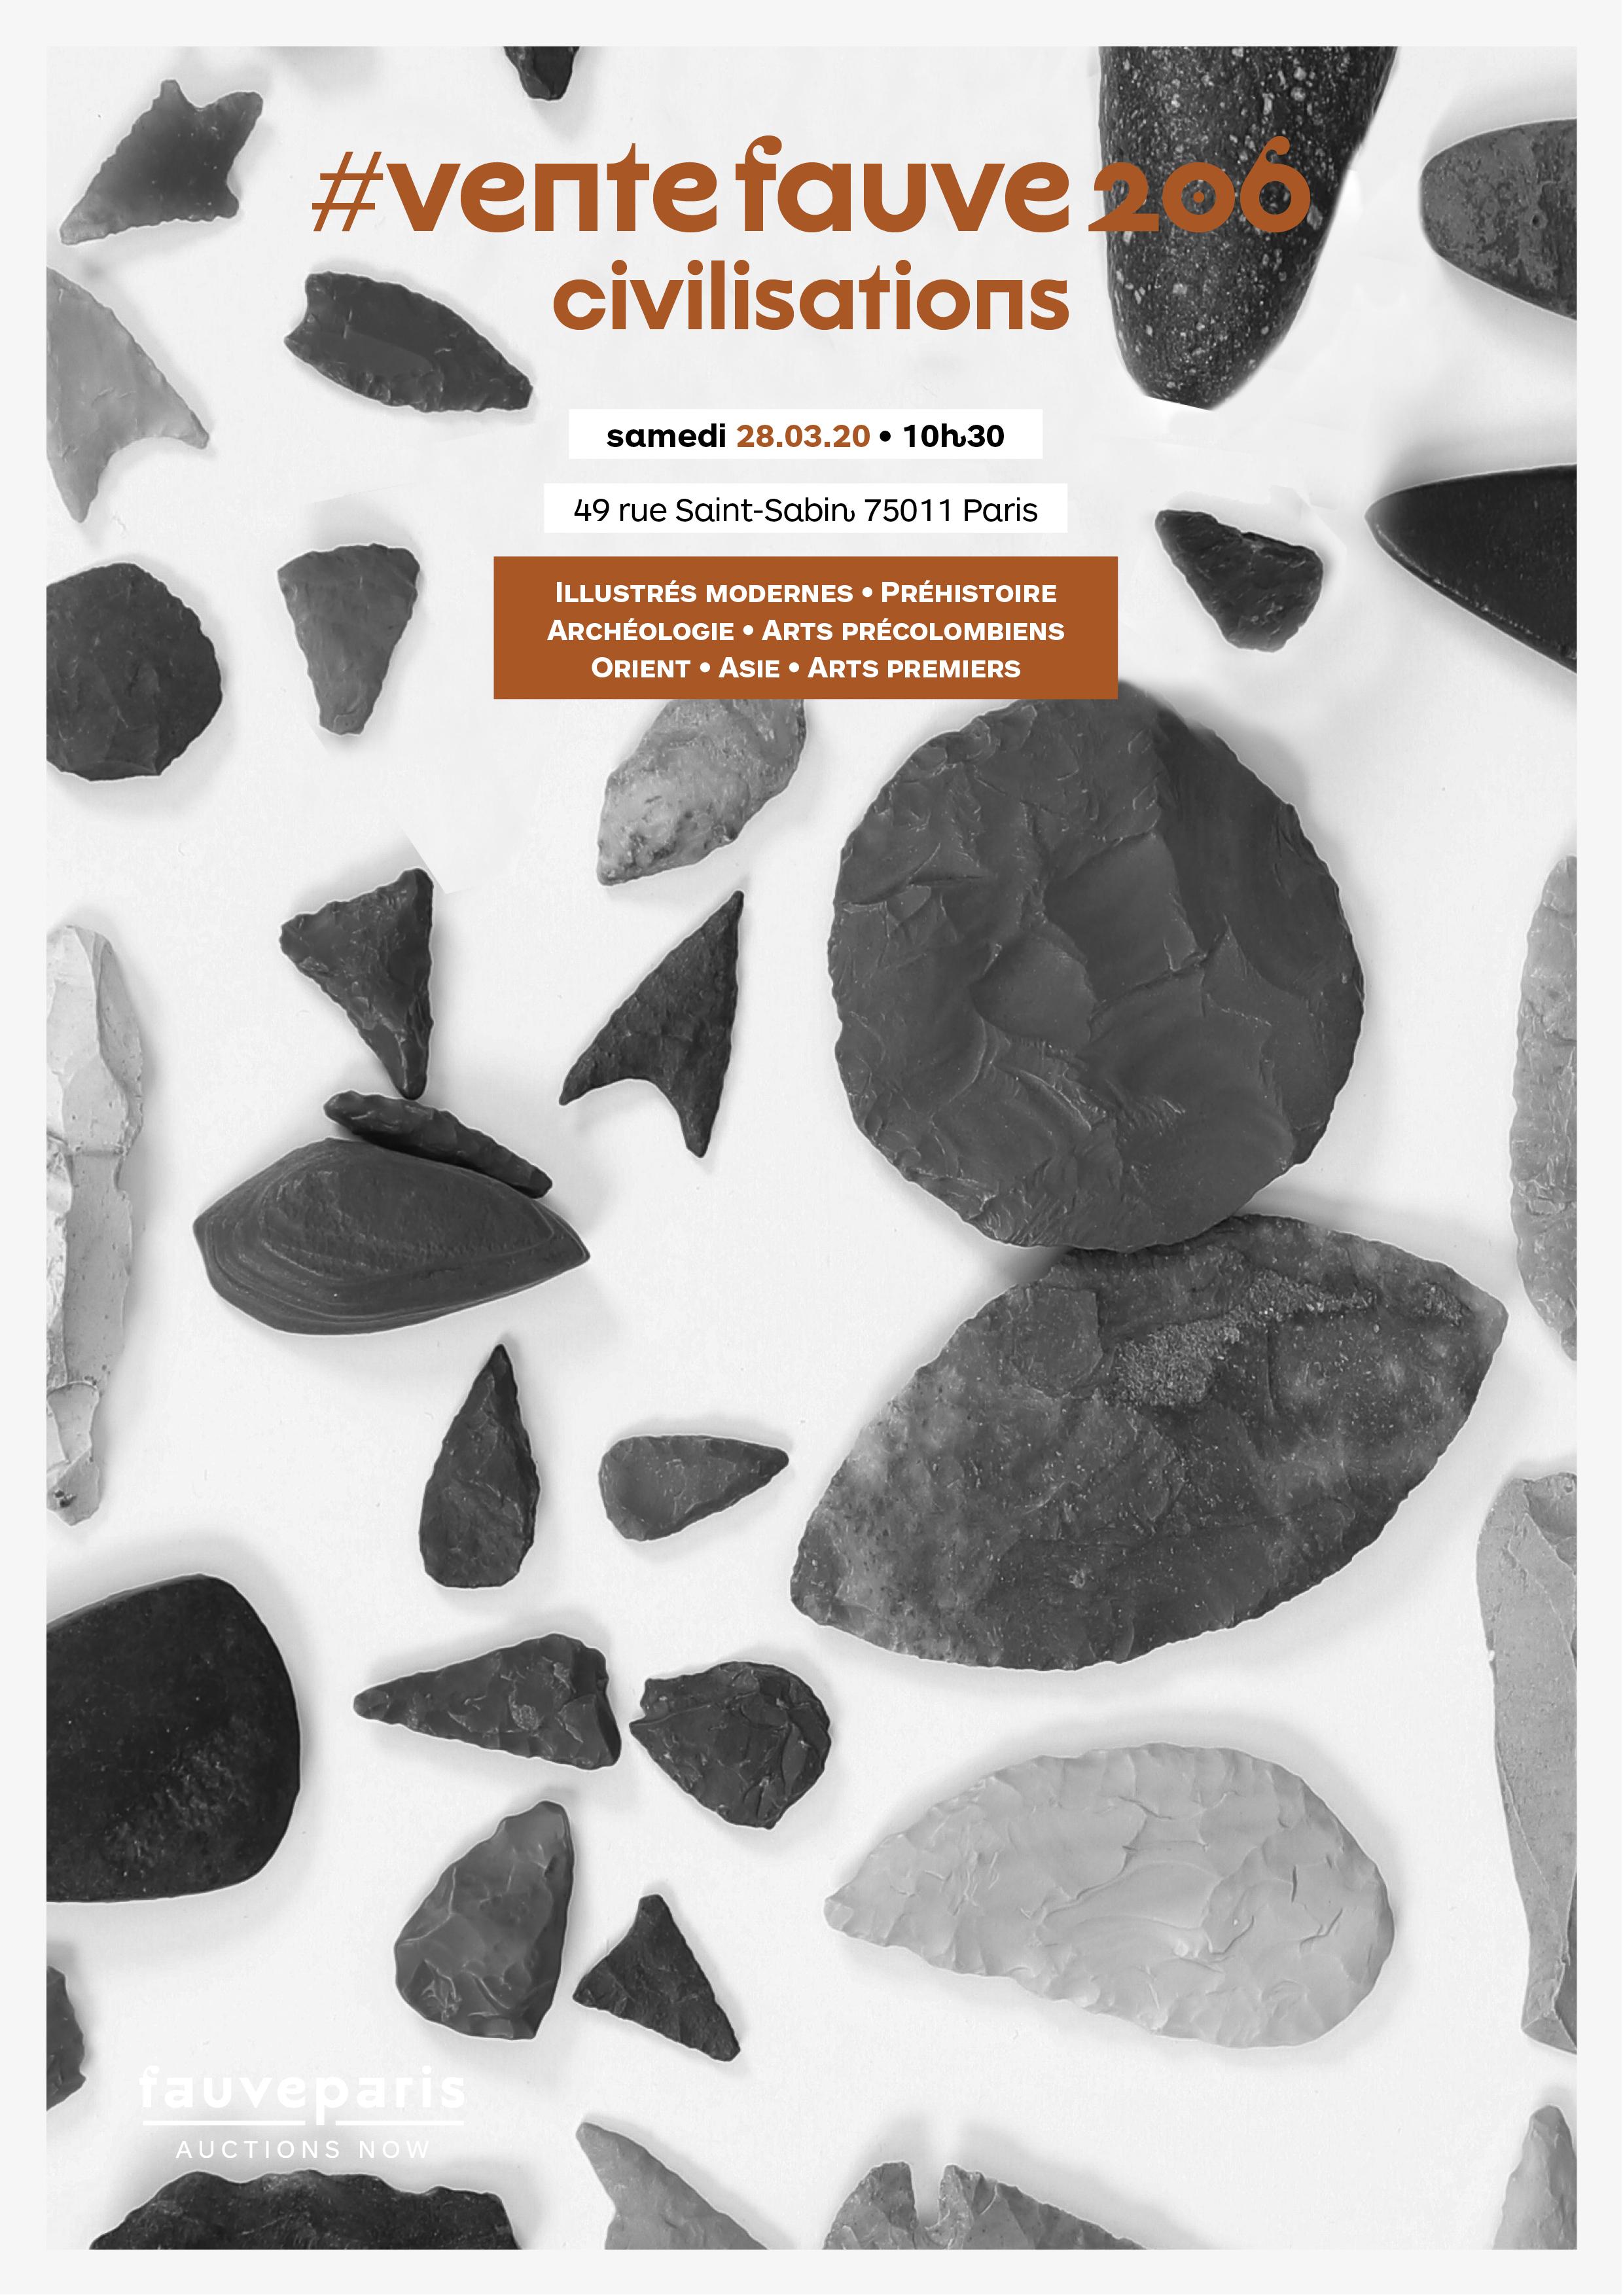 Vente #VenteFauve206 : Illustrés modernes, Préhistoire, Archéologie, Arts précolombiens, Orient, Asie, Arts premiers chez FauveParis : 119 lots